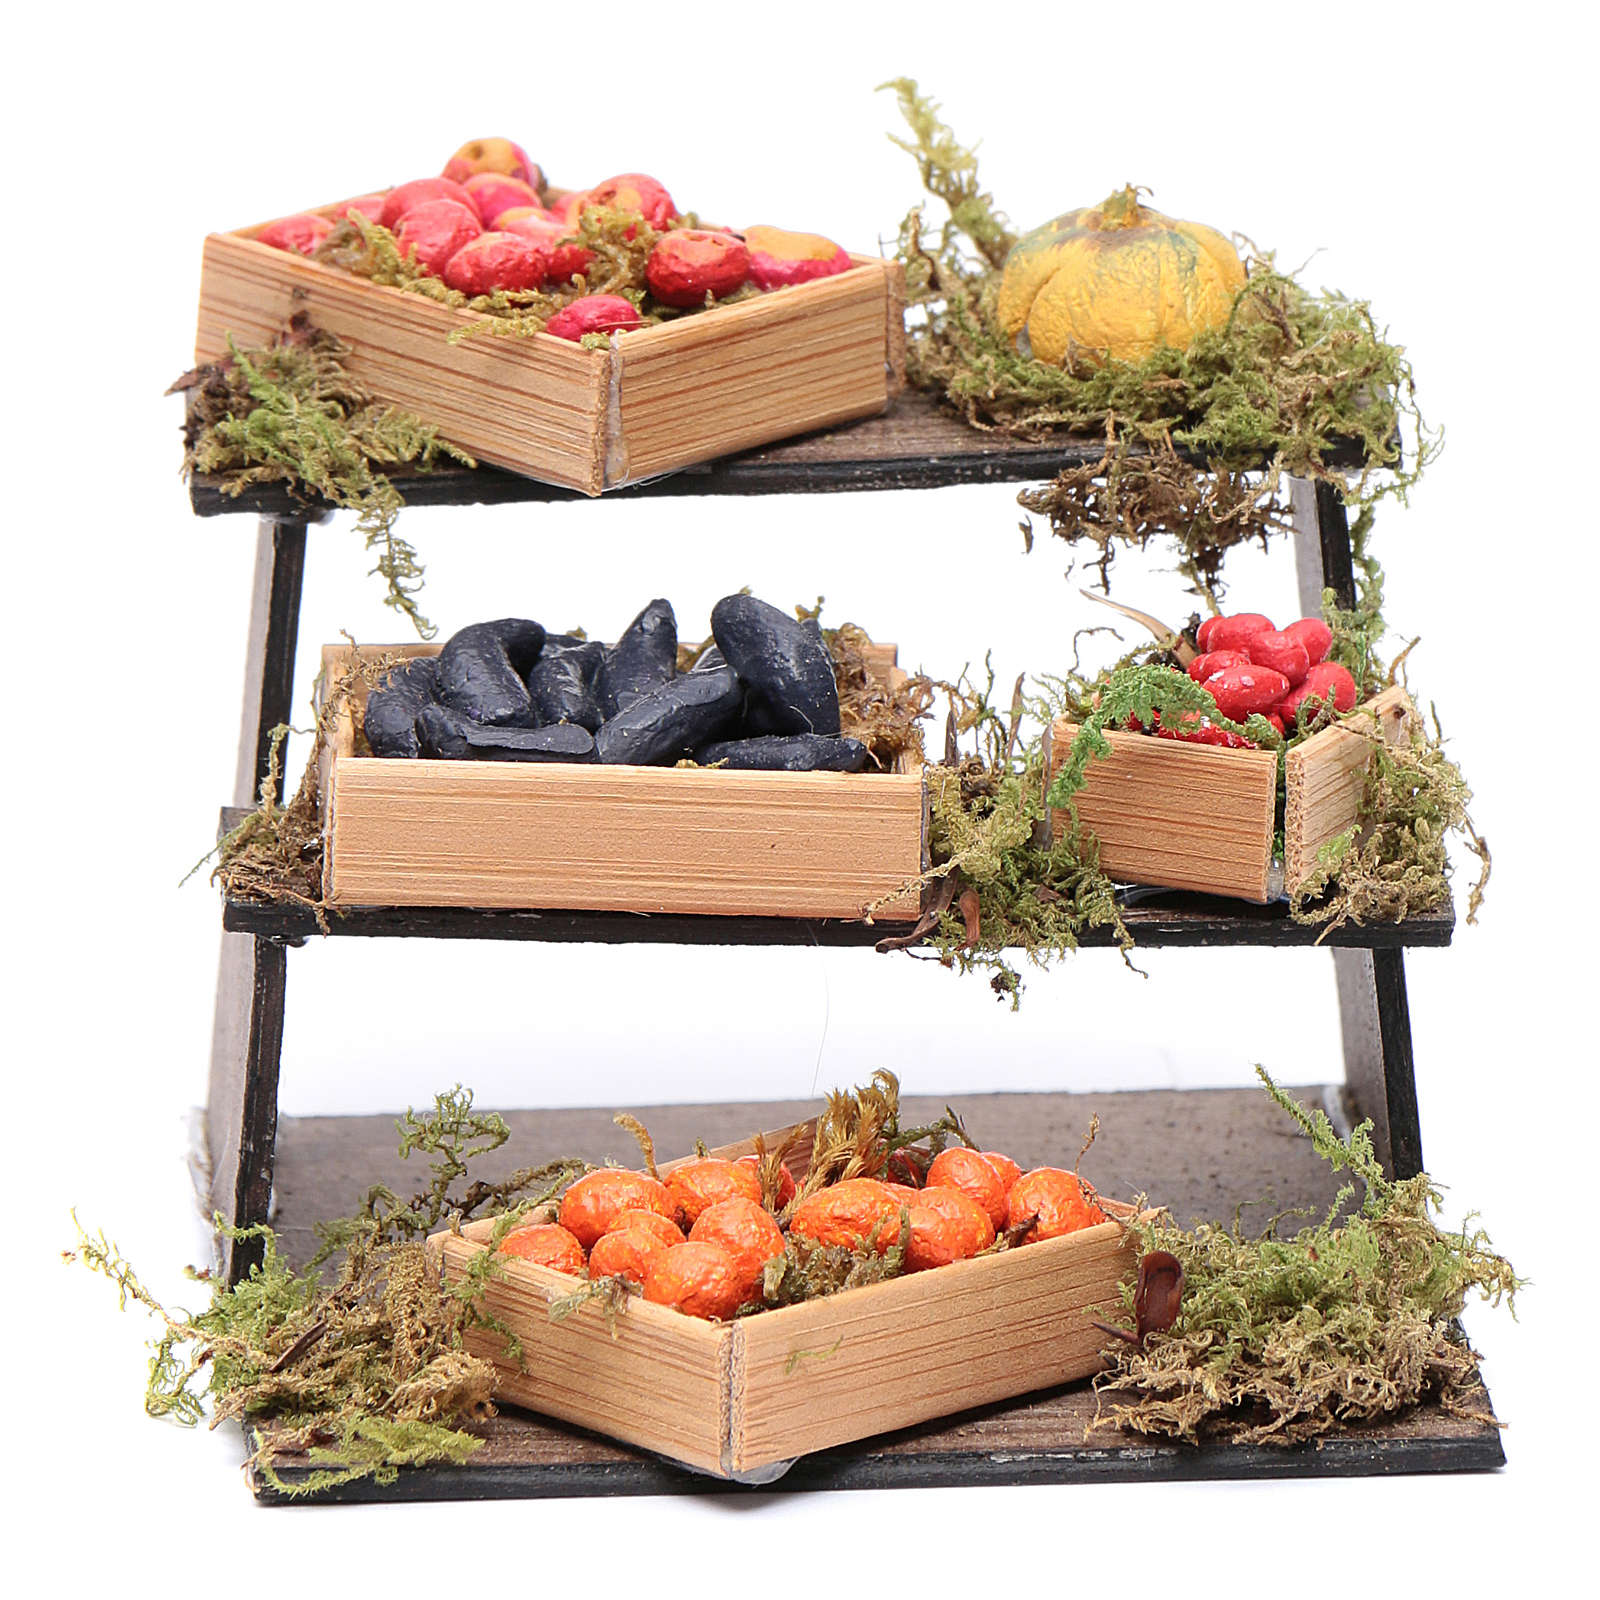 Banco di frutta e verdura presepe napoletano fai da te 4